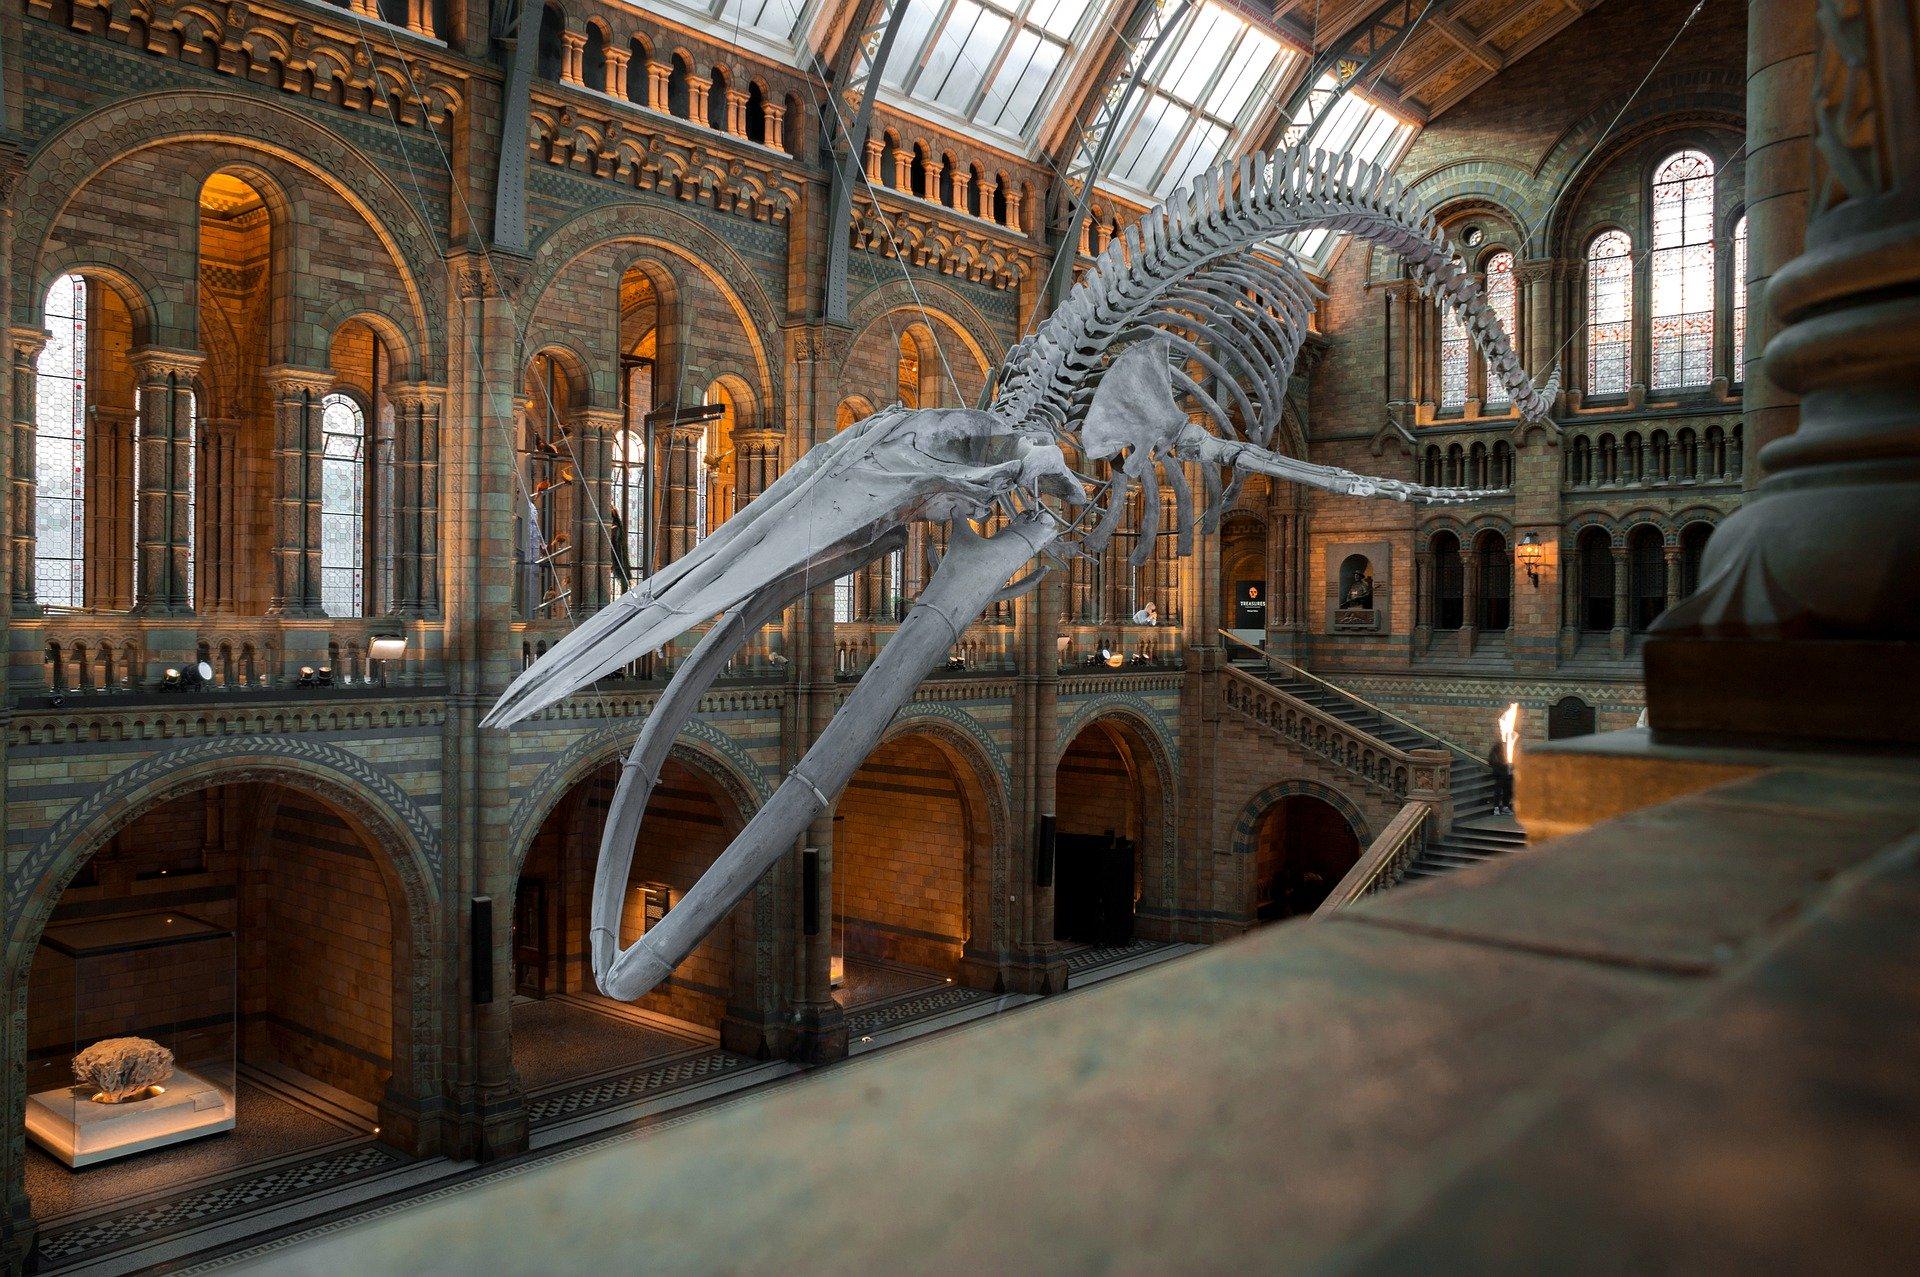 Museums_3dmellon